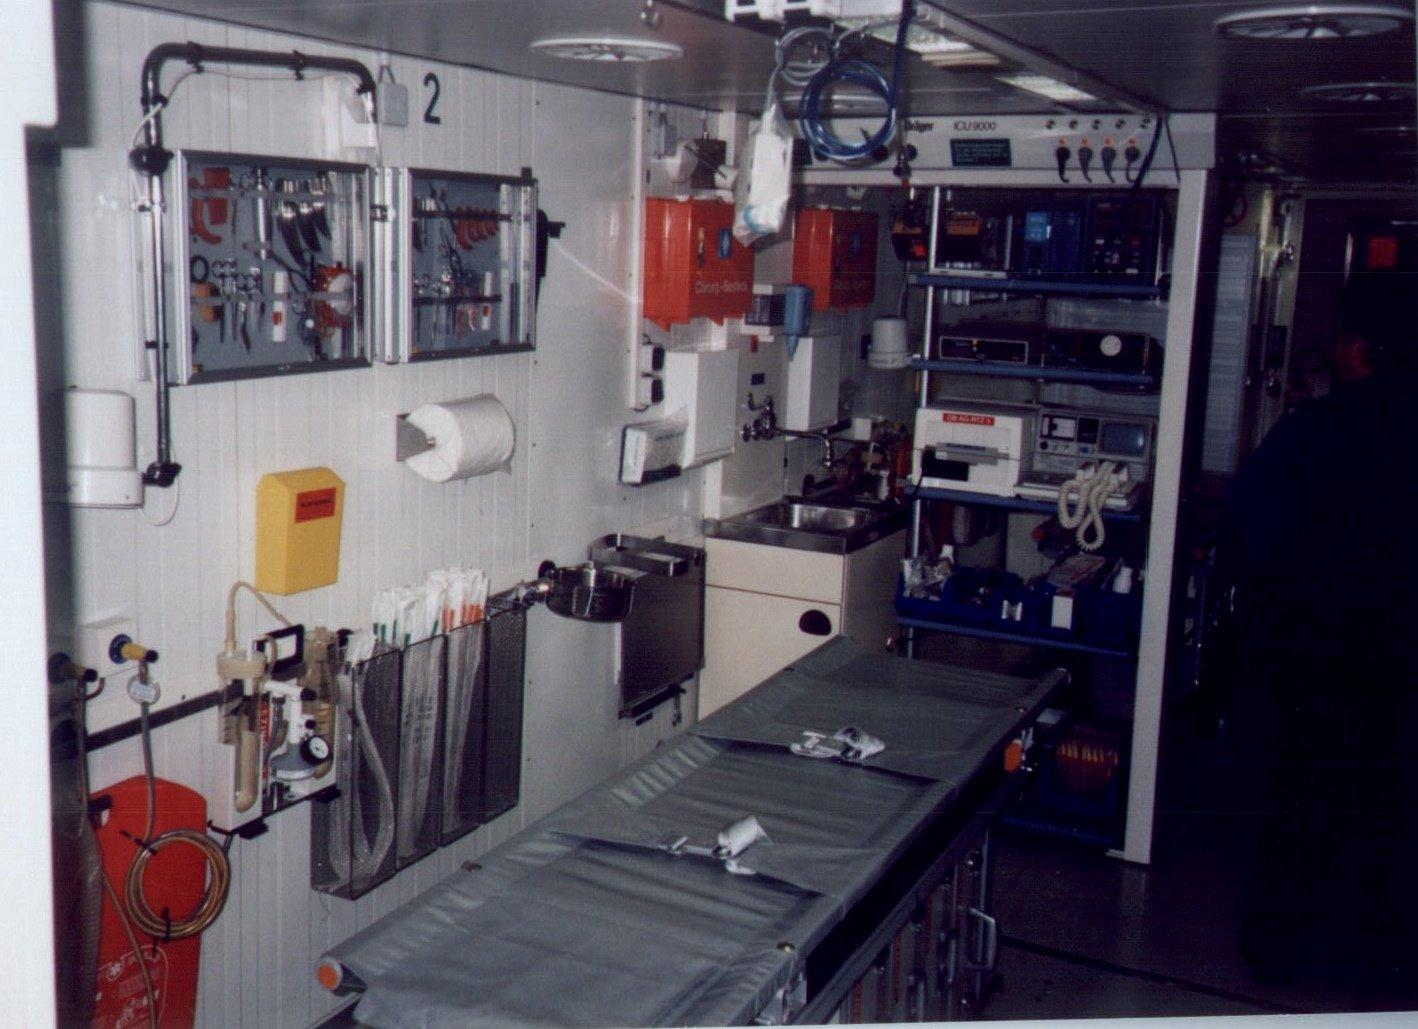 Innenansicht Sanitätswagen eines Rettungszuges - Quelle: www.wikipedia.de